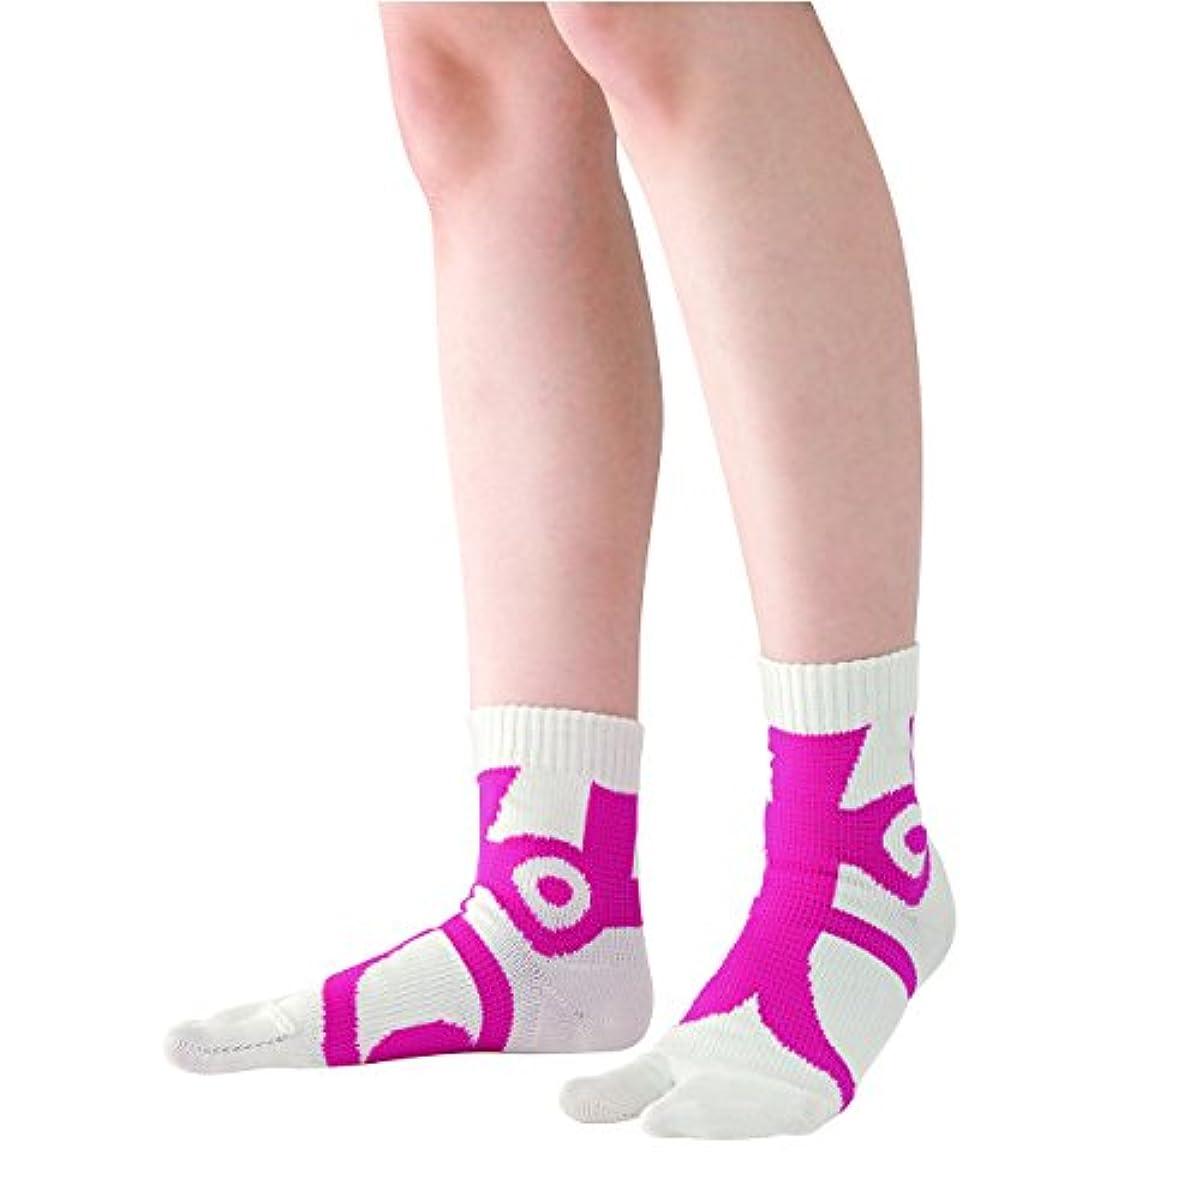 最も遠いネストカスタム快歩テーピング靴下 ホワイト×ピンク